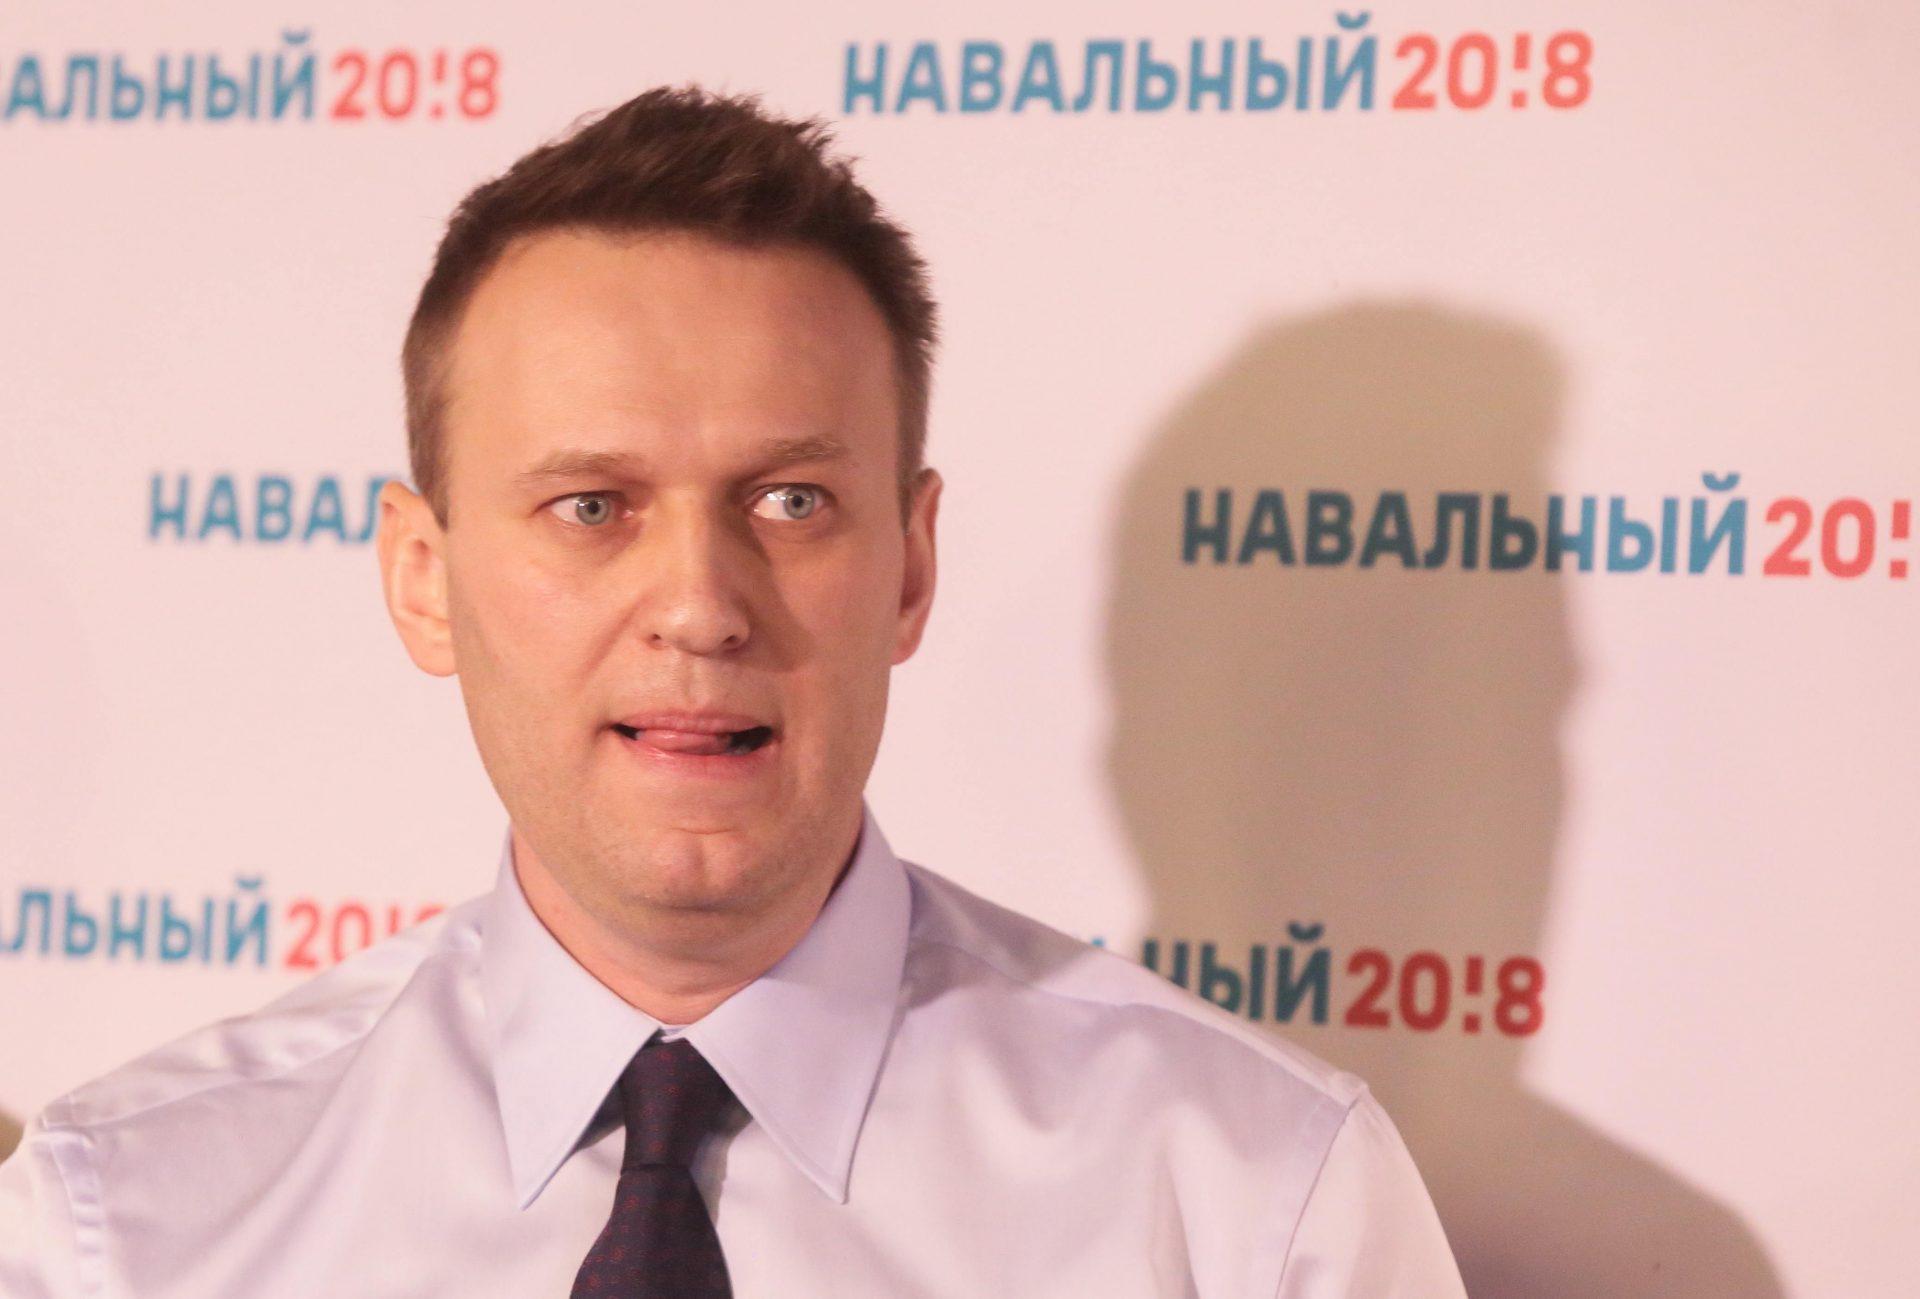 Алексей Навальный пришел в себя и заговорил